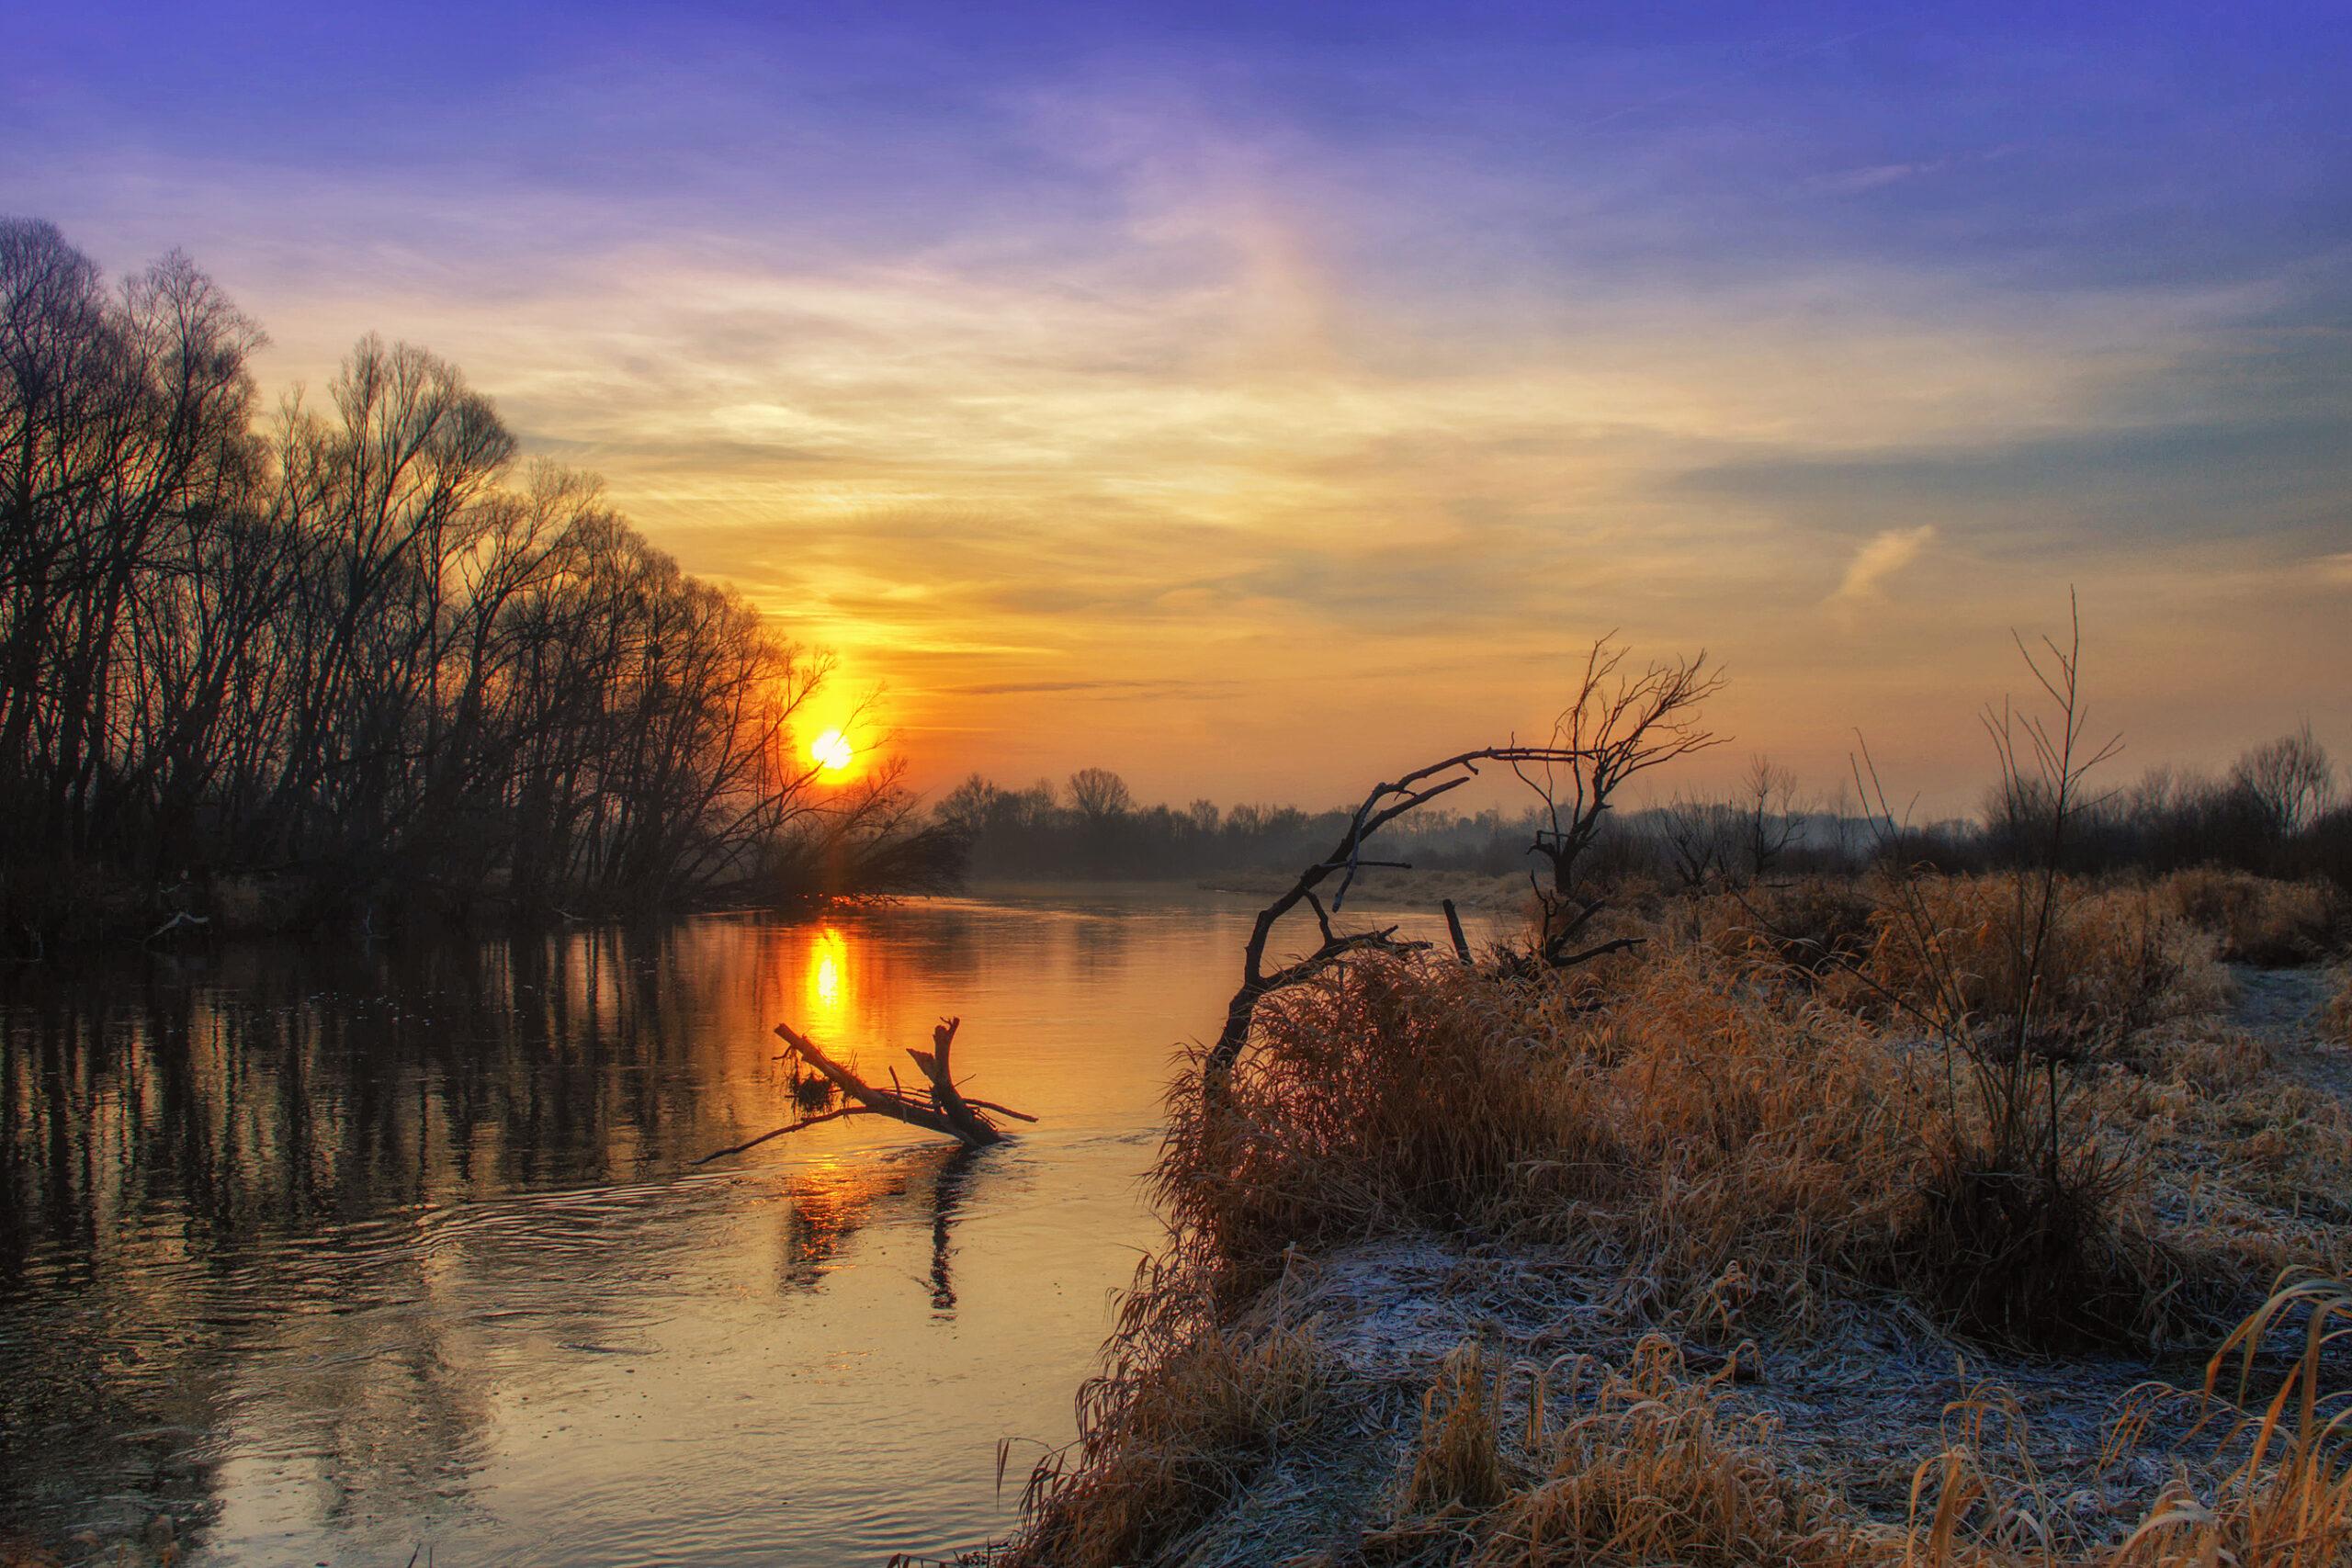 Rzeka Bug - widok przy zachodzie słońca.